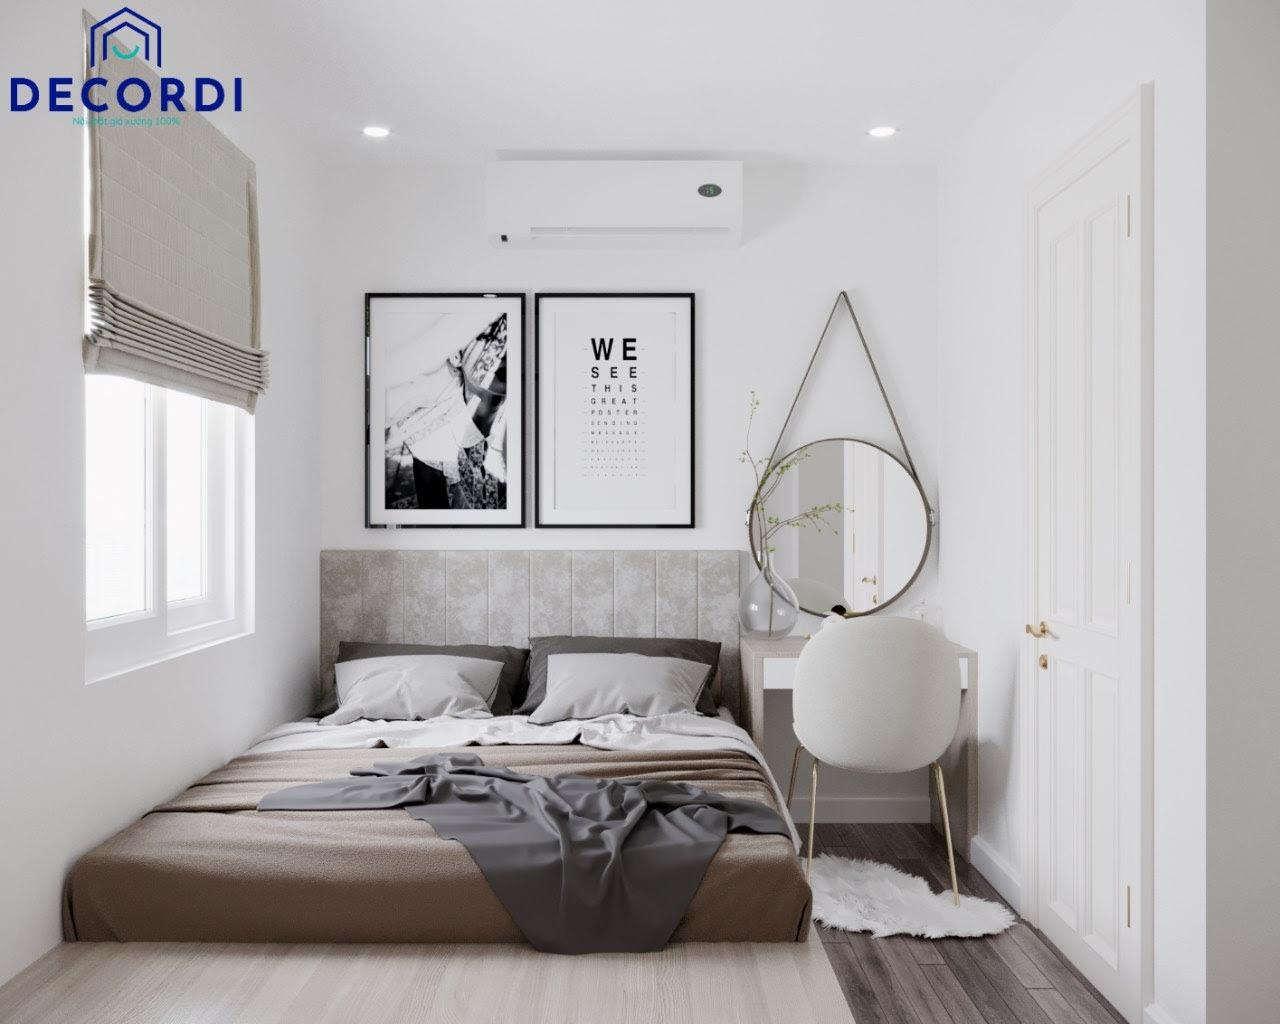 Thiết kế phòng ngủ 8m2 có giường bục và nội thất đơn giản